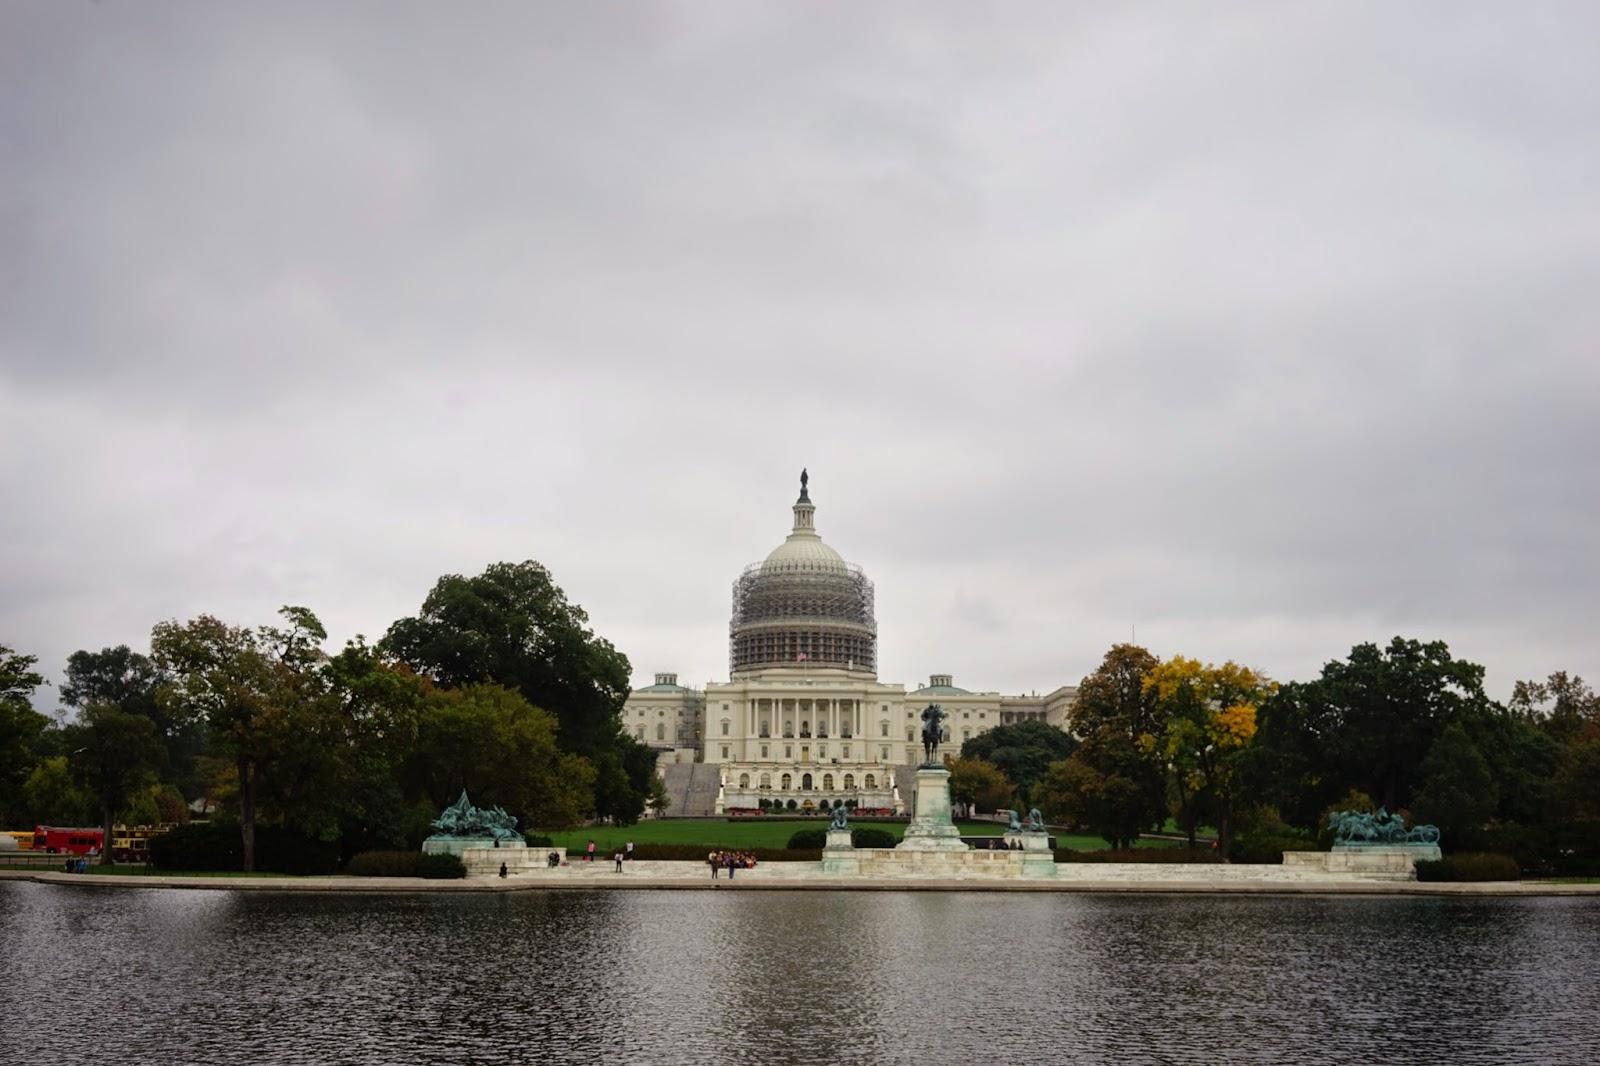 capitol building washington d.c